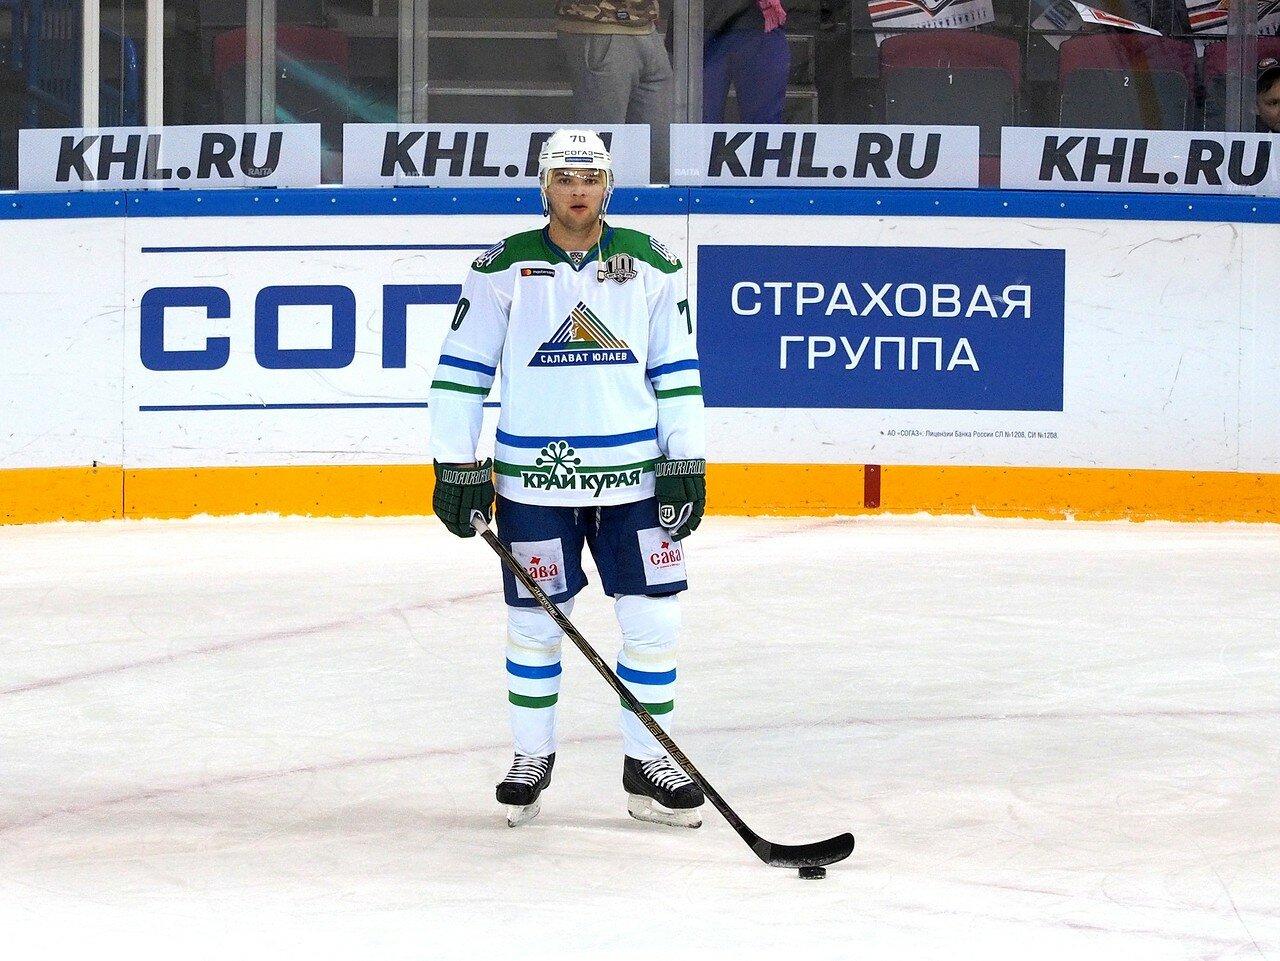 49 Металлург - Салават Юлаев 23.09.2017